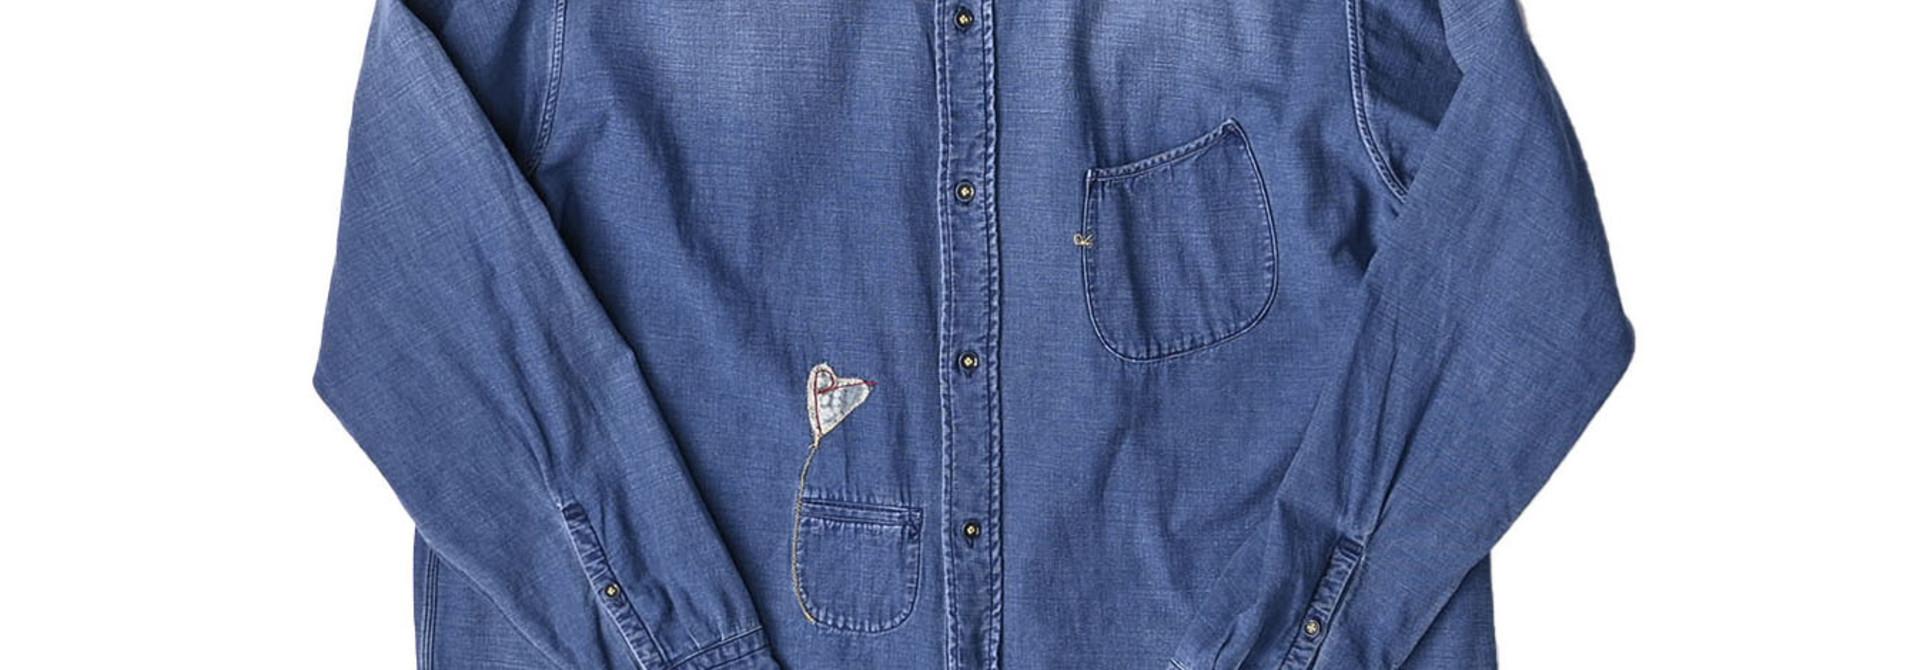 Goma Denim Ocean Button Down Shirt